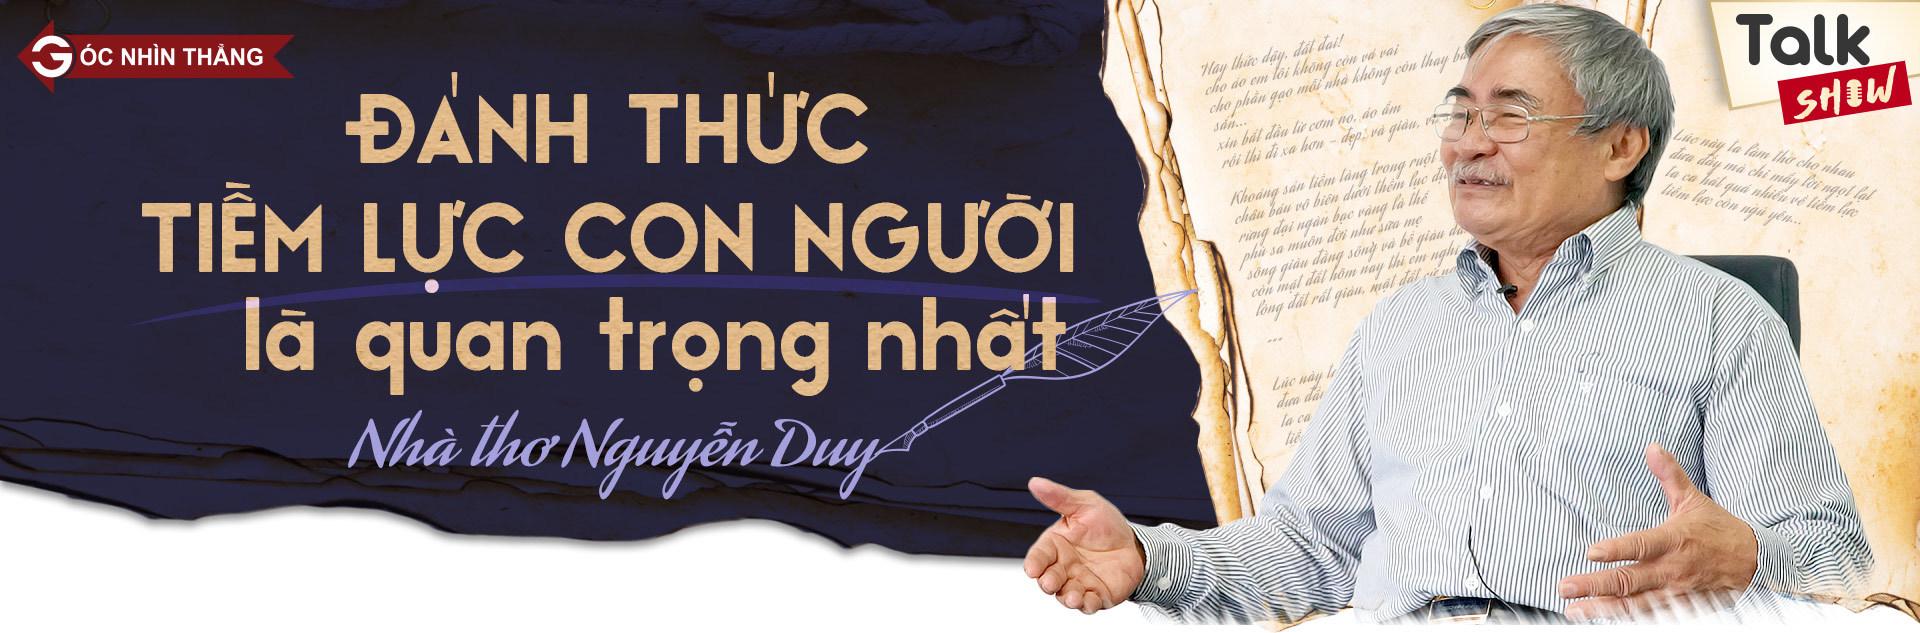 Thi Tốt nghiệp THPT Quốc gia 2018,Nhà thơ Nguyễn Duy,Bài thơ Đánh thức tiềm lực,Đề thi môn Ngữ văn